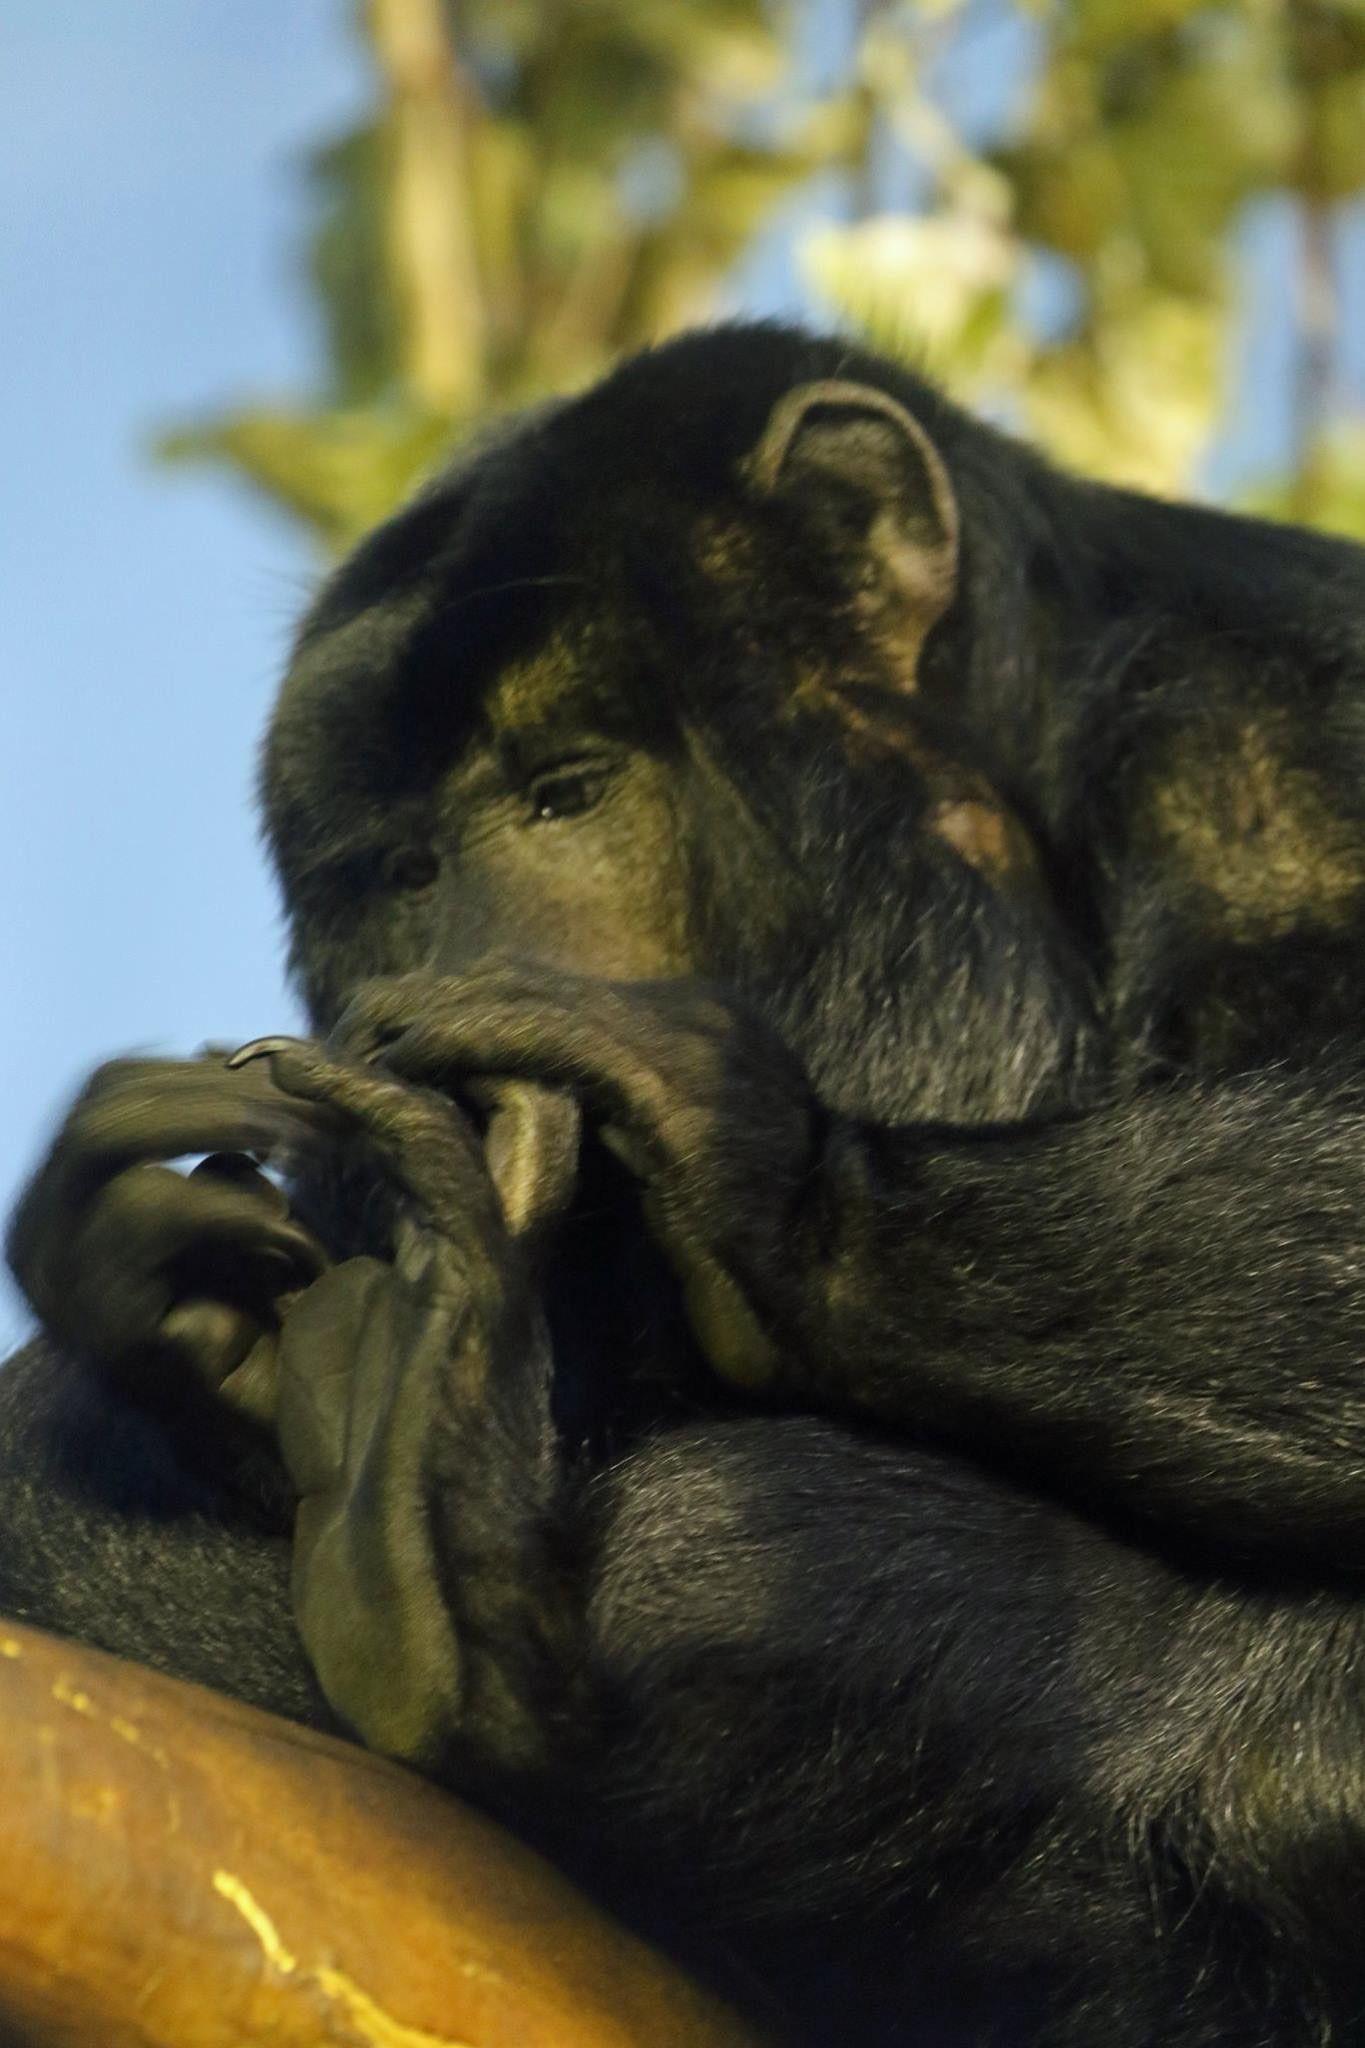 Pin by Debbie Aden on Primates Denver zoo, Primates